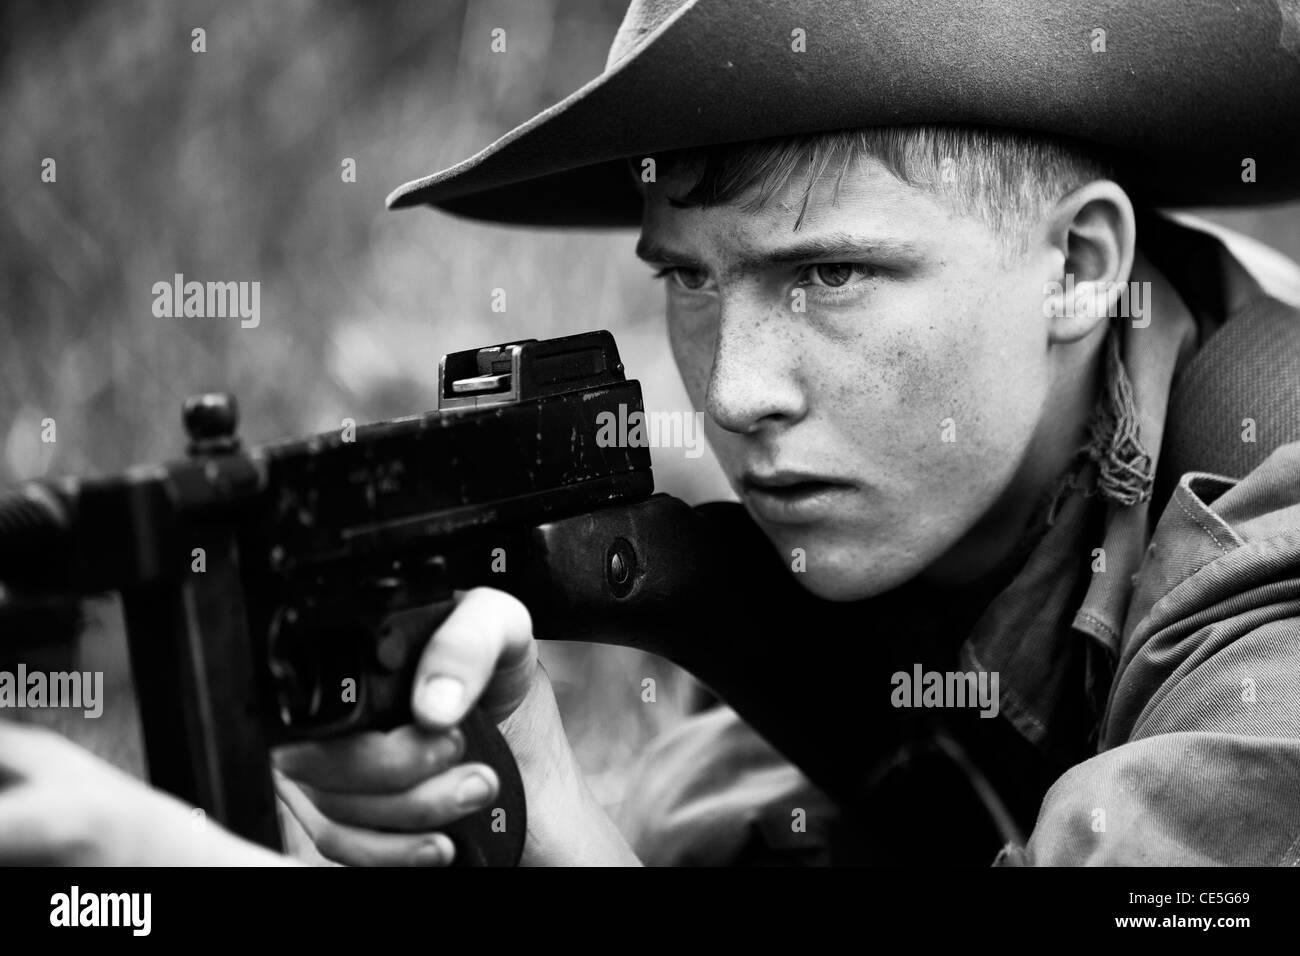 WW2 Re-Enactors - British Soldier with Thomson Machine Gun - Stock Image